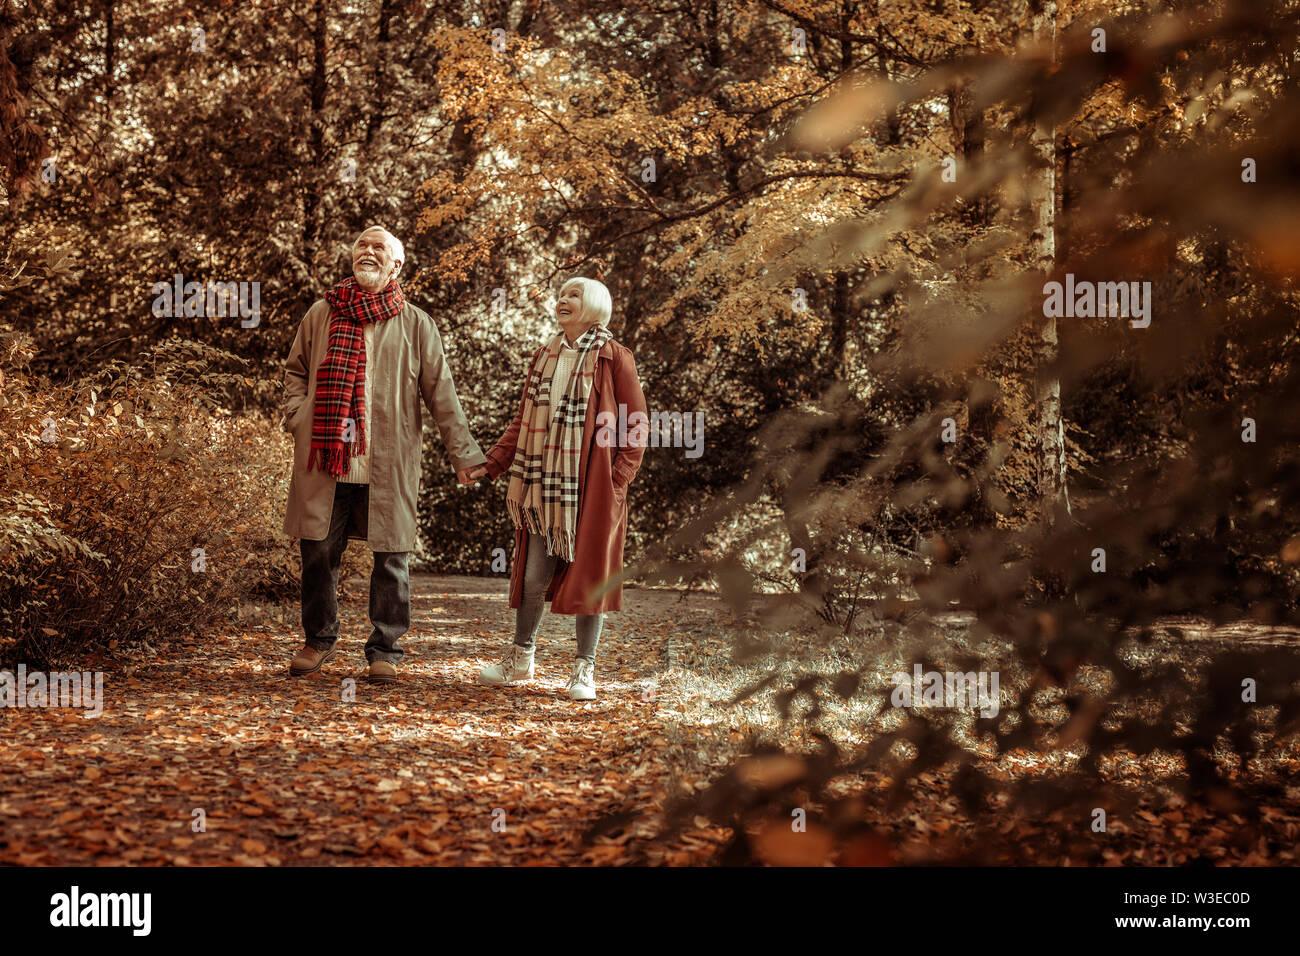 Heureux de prendre un couple de personnes âgées stoll dans un parc. Photo Stock